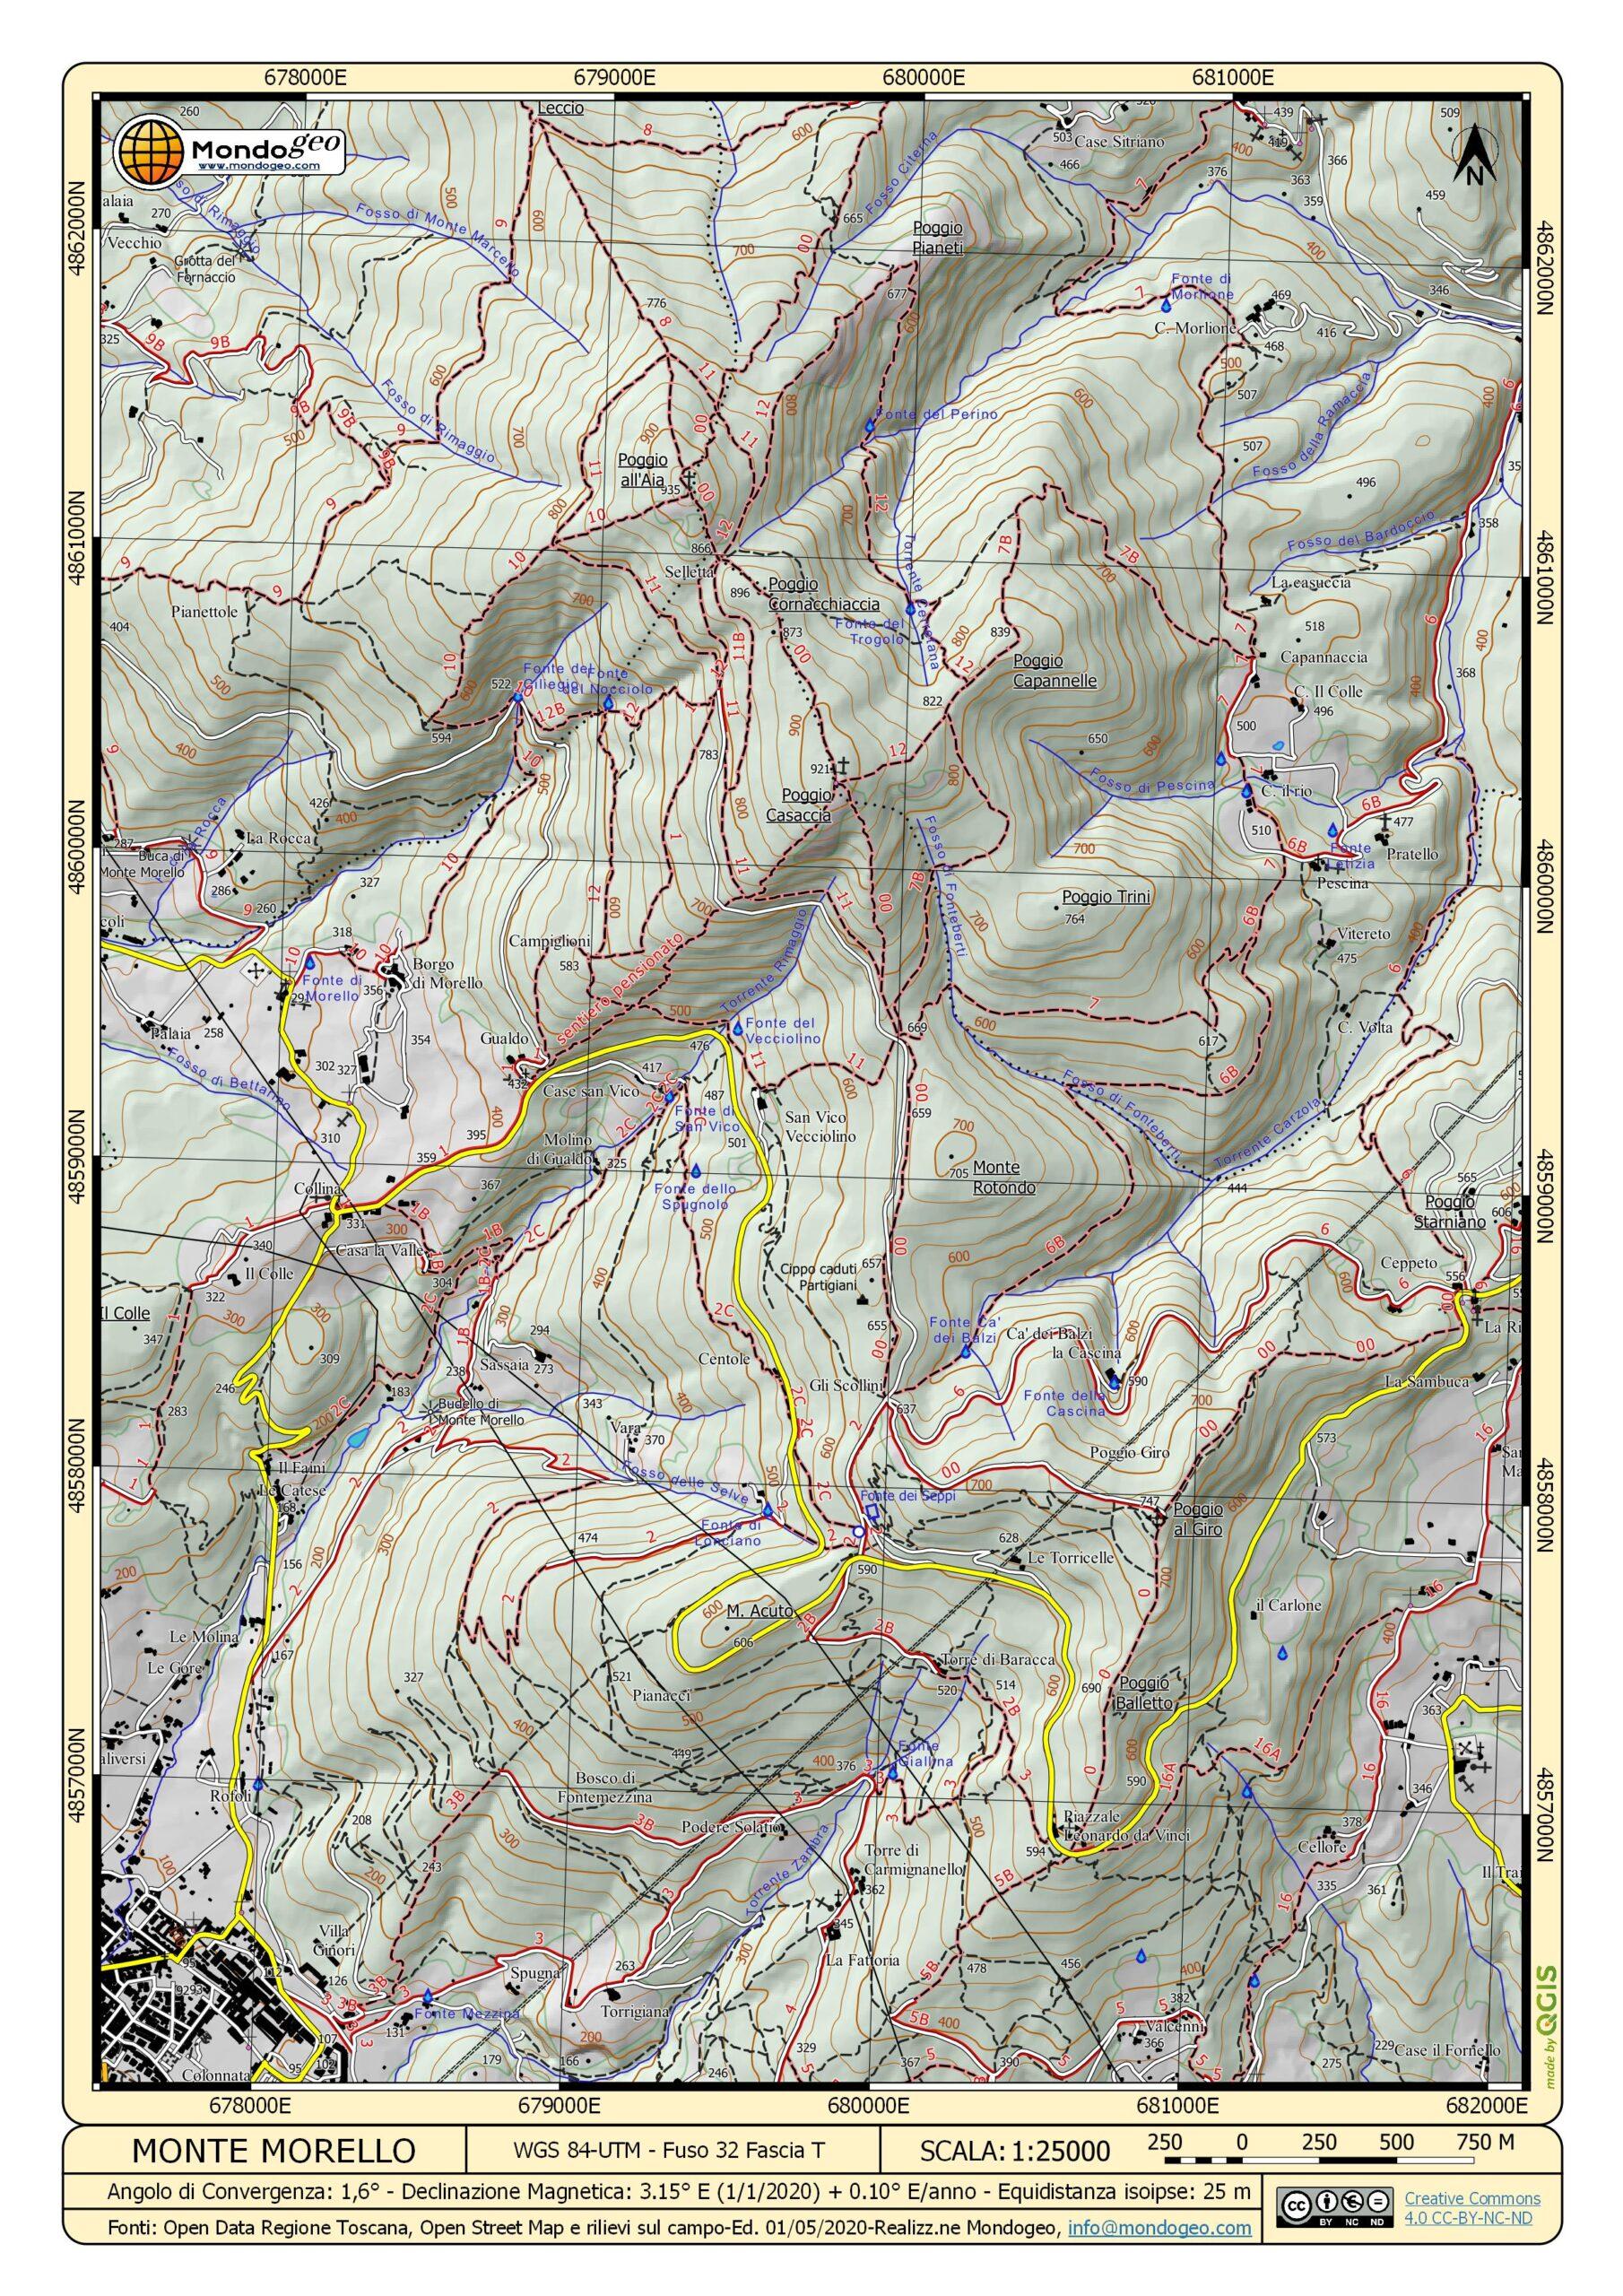 Mappa di Monte Morello A4 V06 by Mondogeo